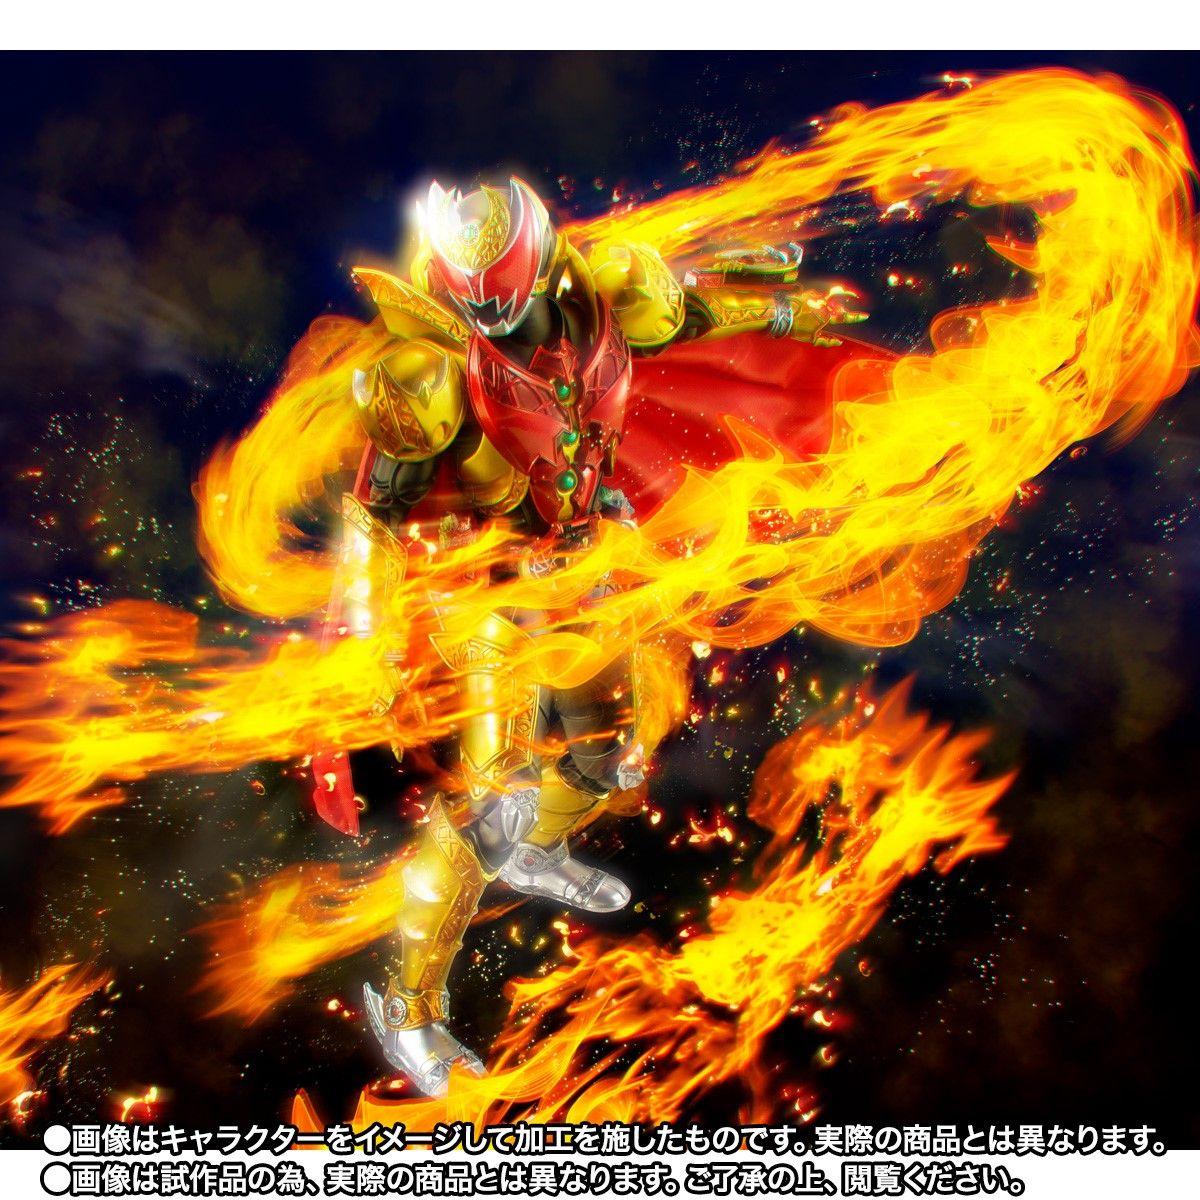 S.H.Figuarts(真骨彫製法)『仮面ライダーキバ エンペラーフォーム』可動フィギュア-010